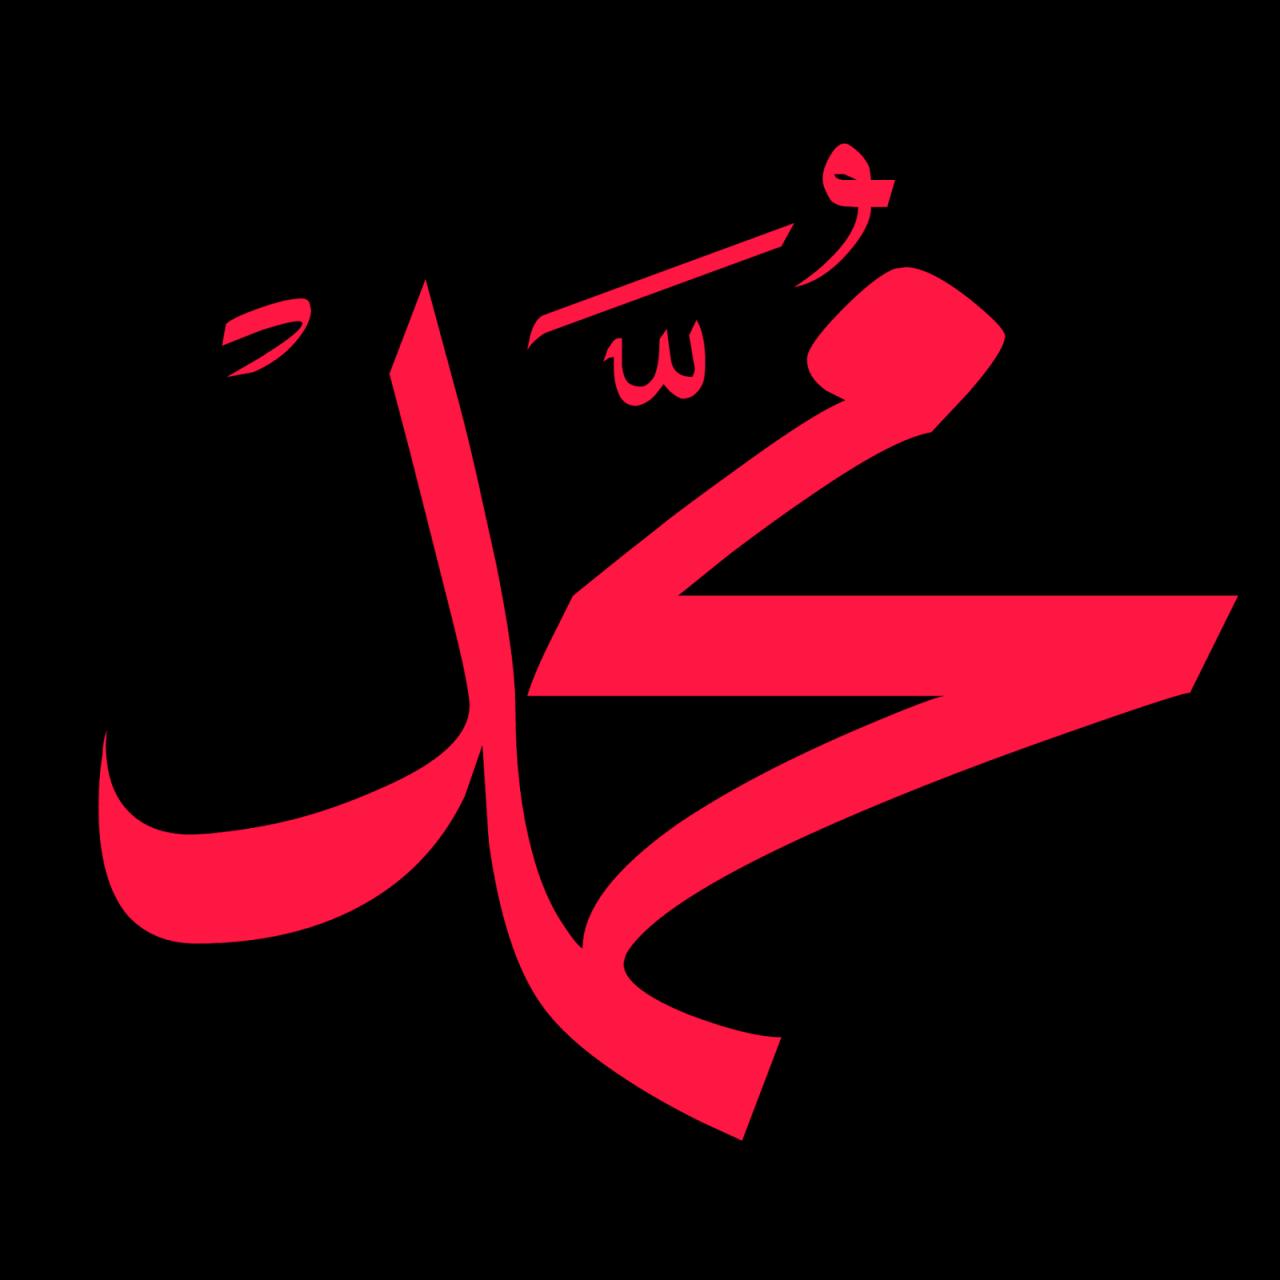 صور اسم محمد بالصور , معاني اسم محمد